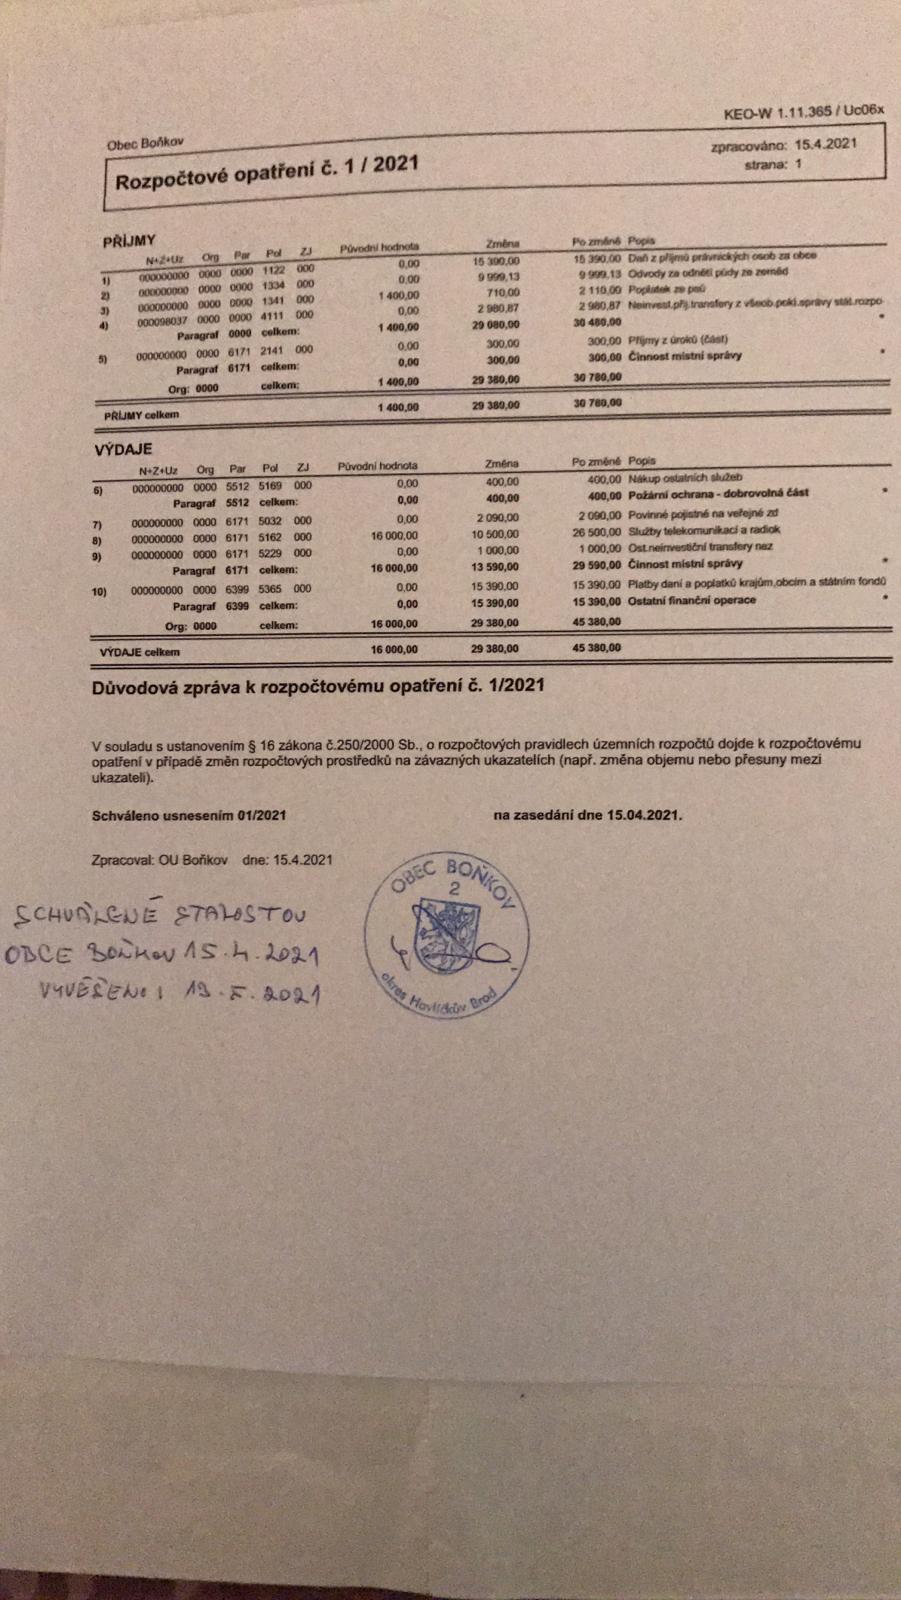 Rozpočtové opatření č.1/2021